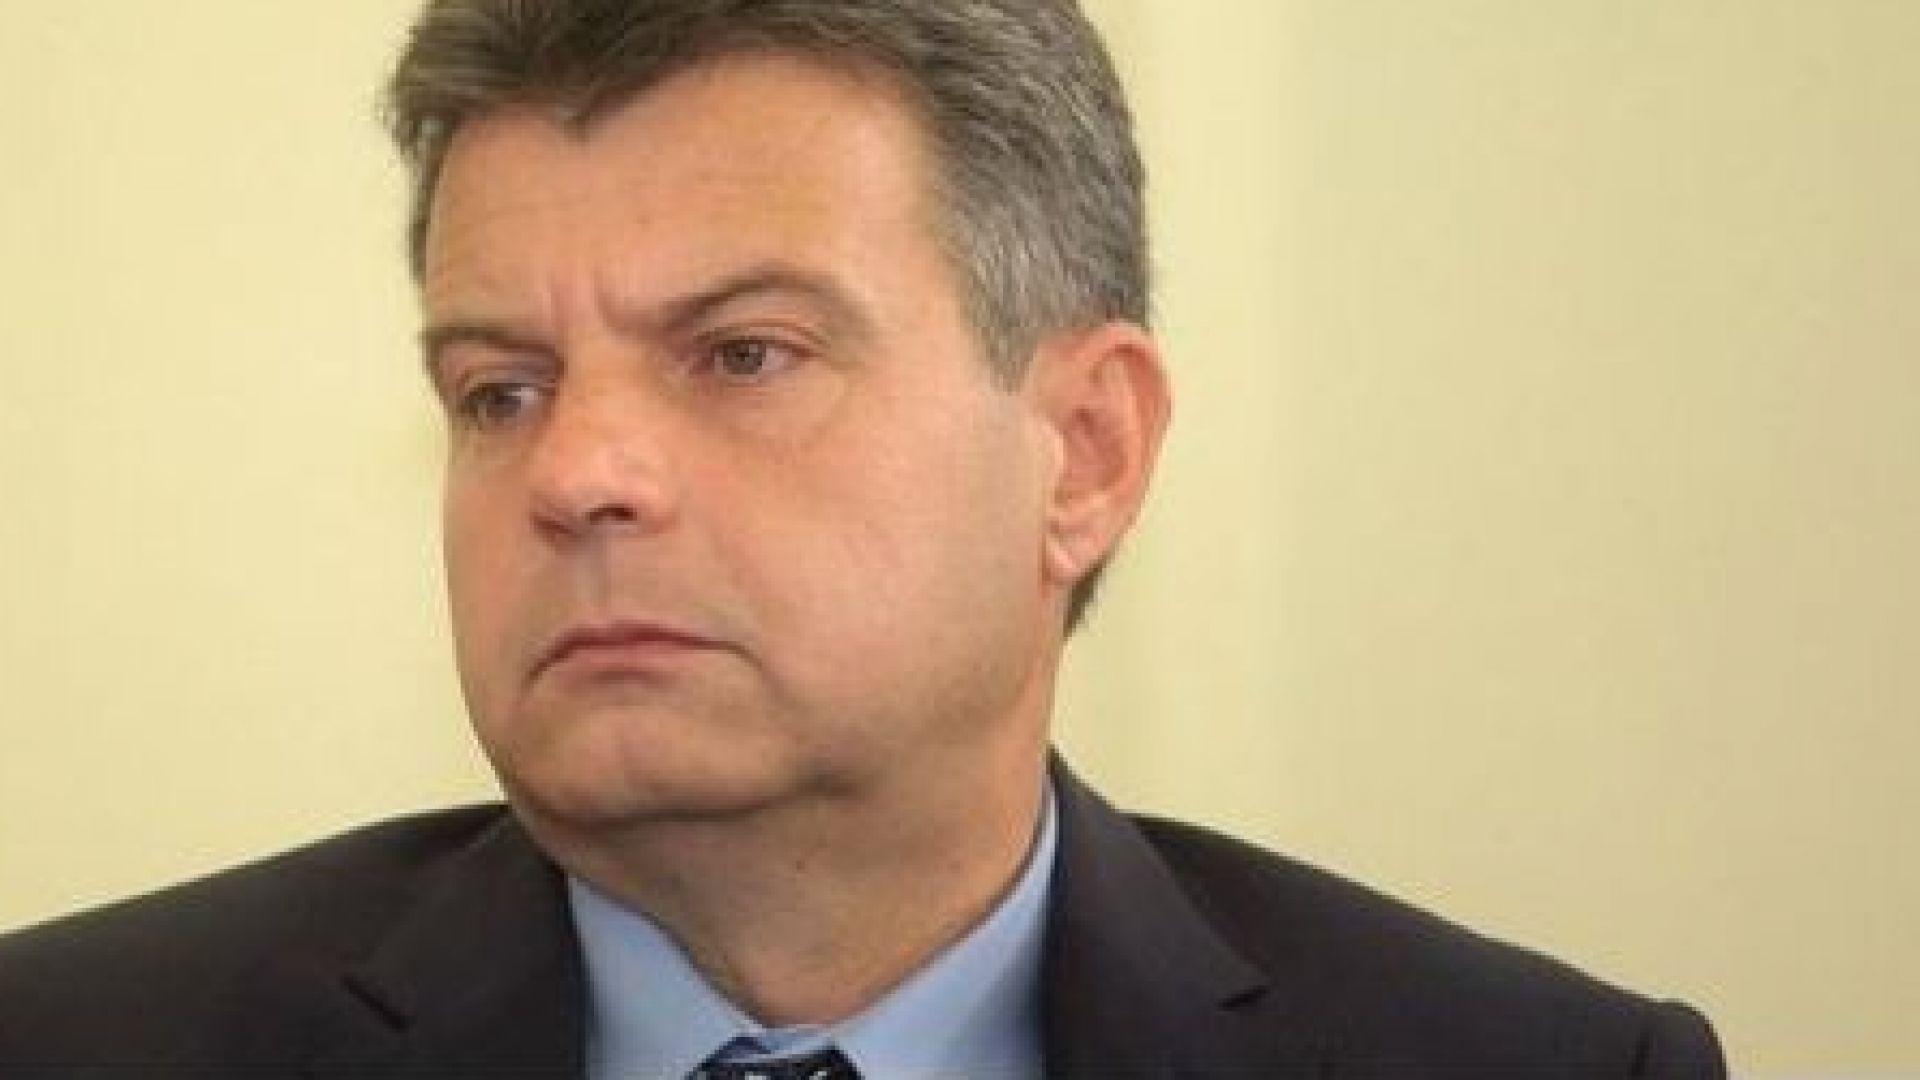 ВКС призова член на ВСС да се извини за обидна реплика към магистрати